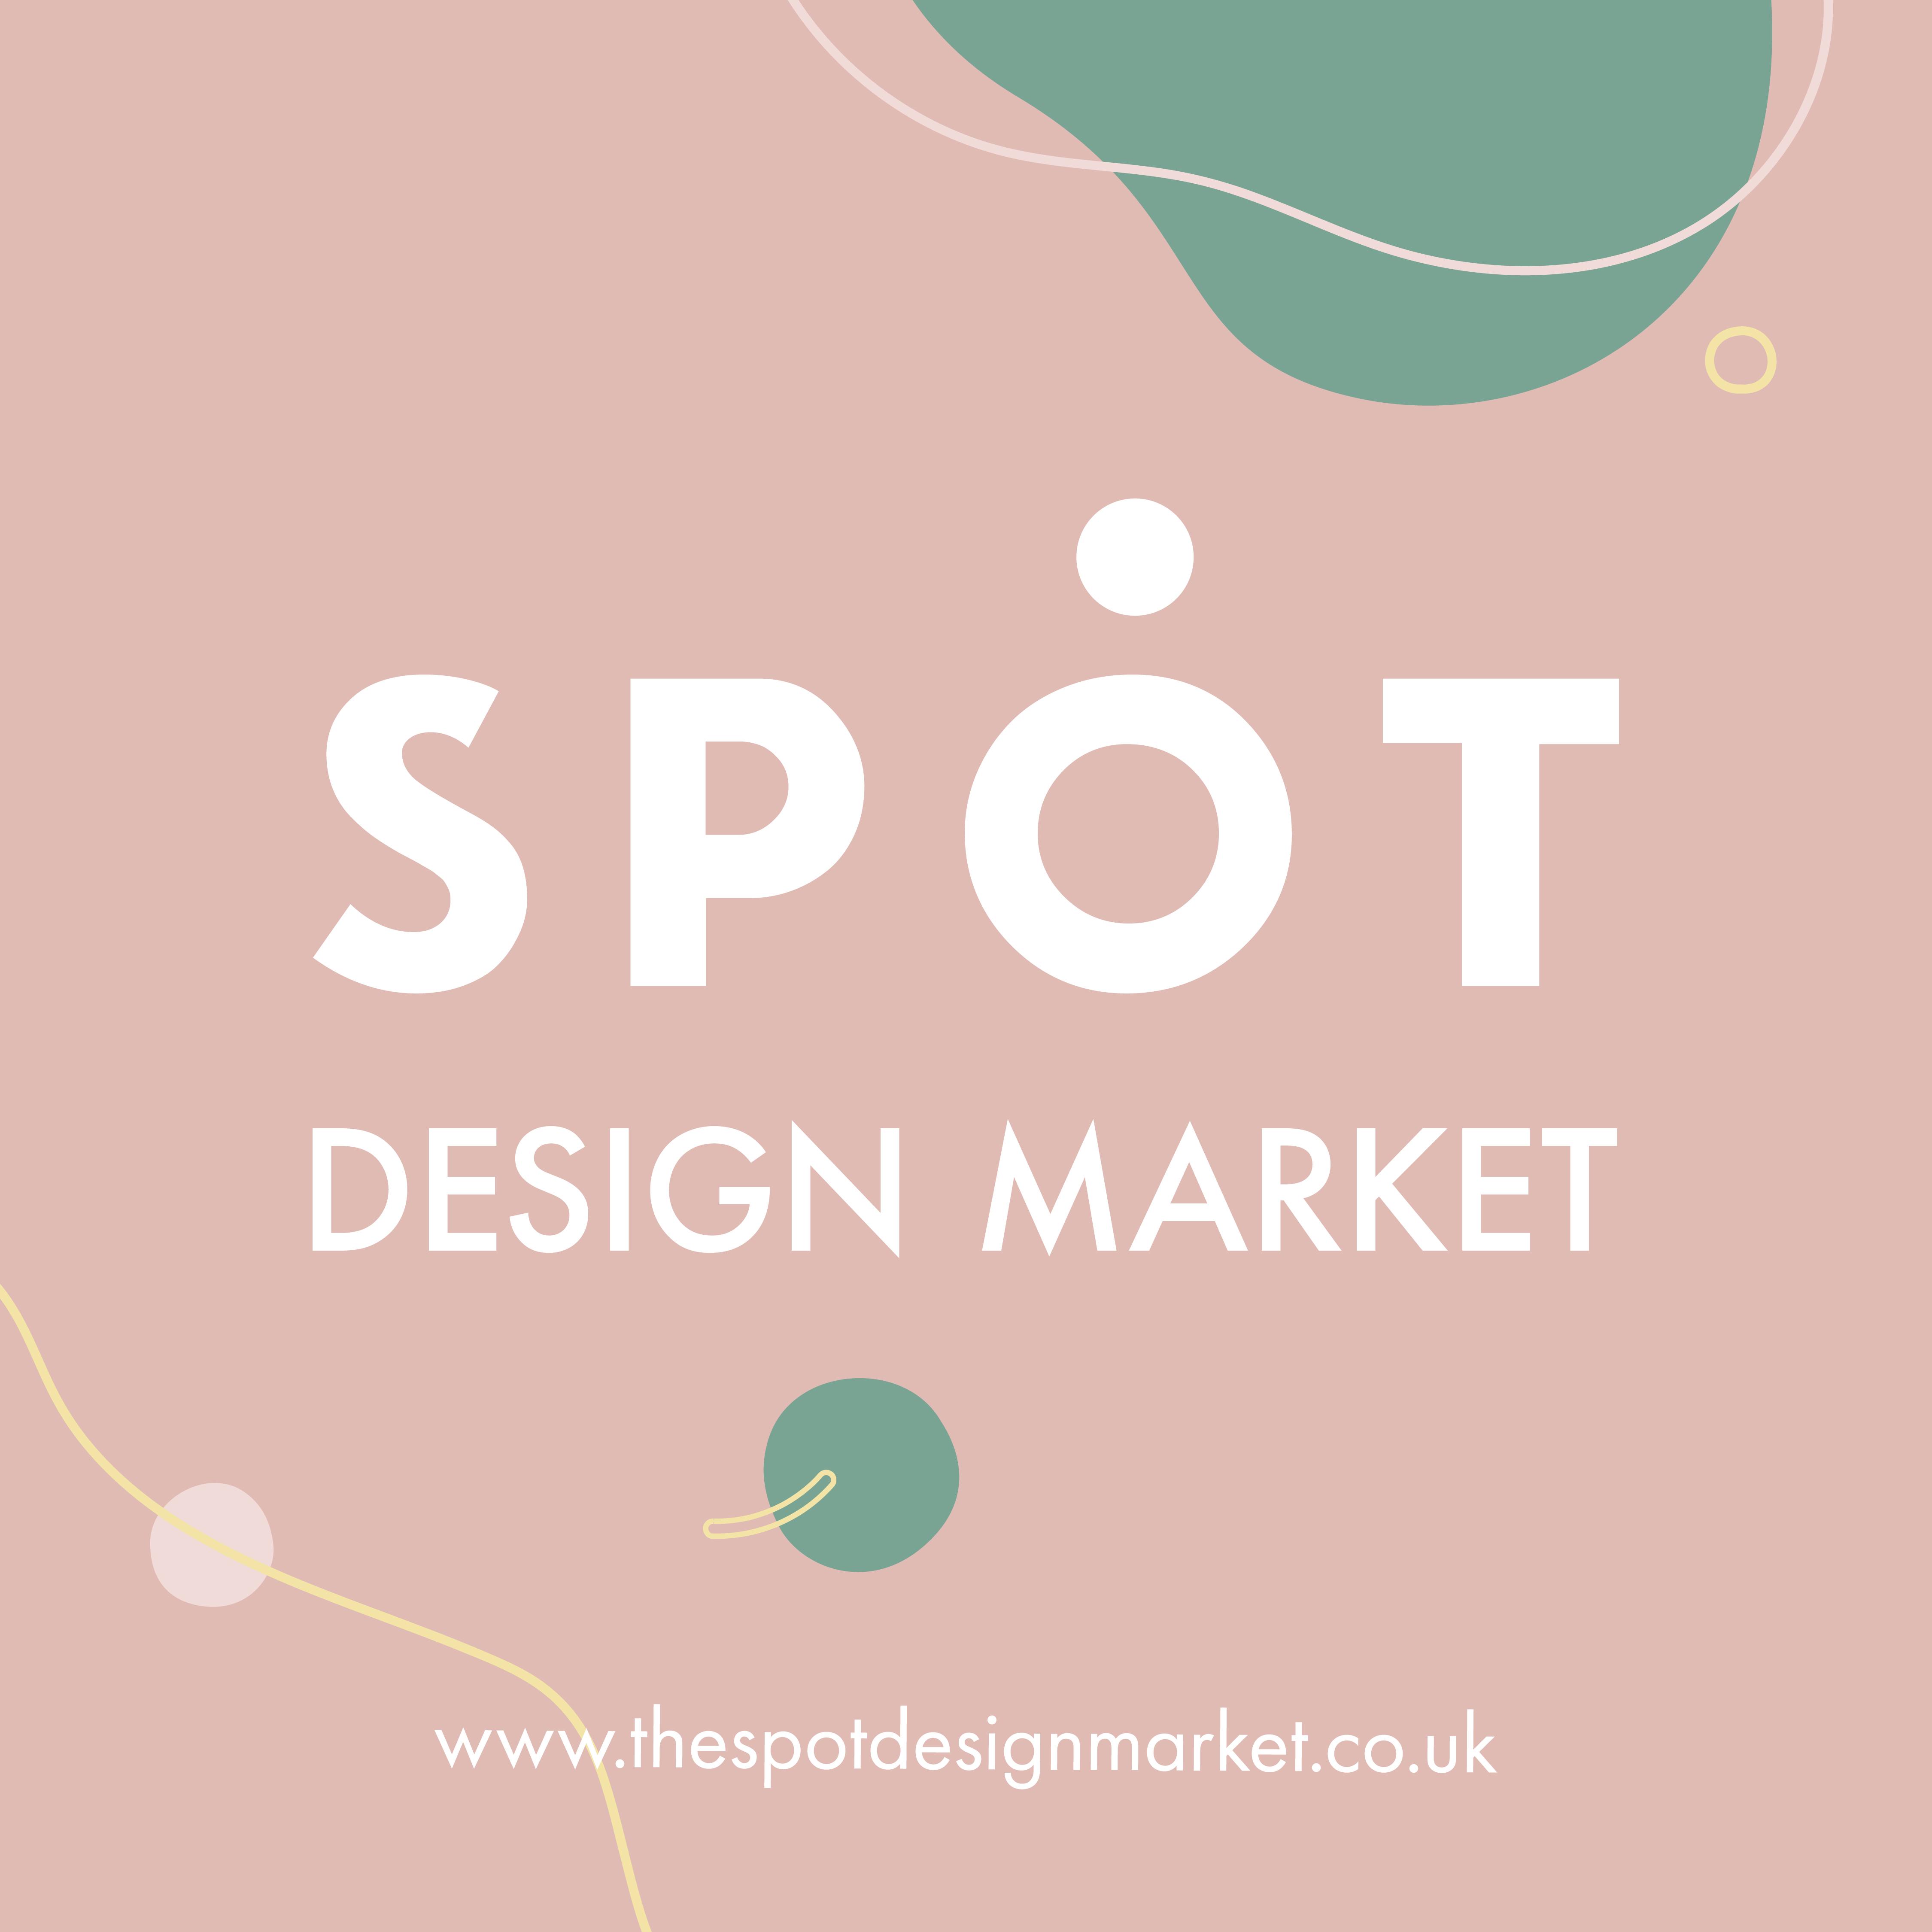 Spot Design Market: Spring ONLINE EXTRAVAGANZA